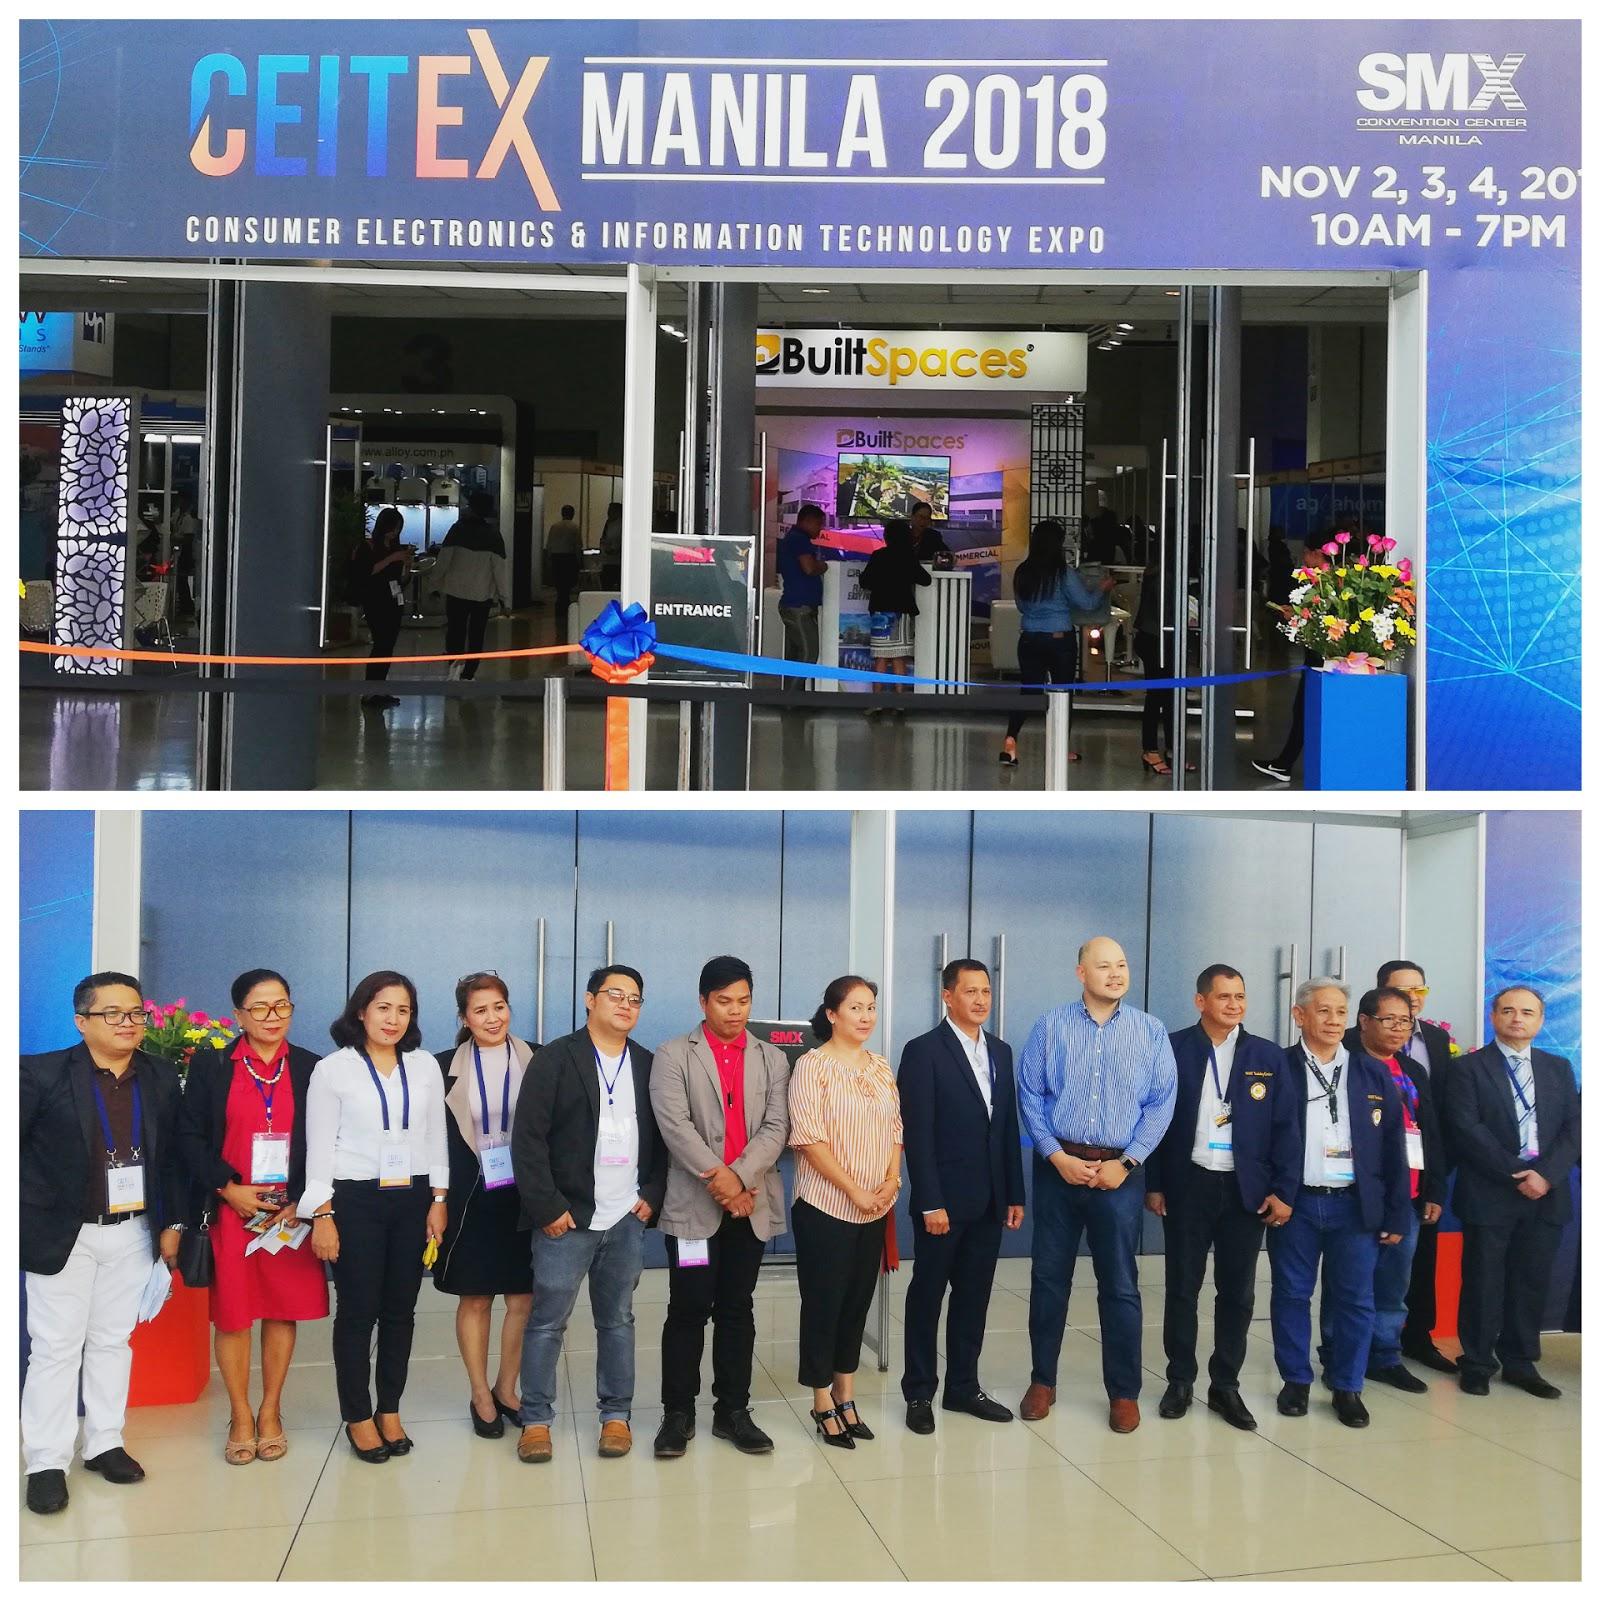 ceitex manila 2018